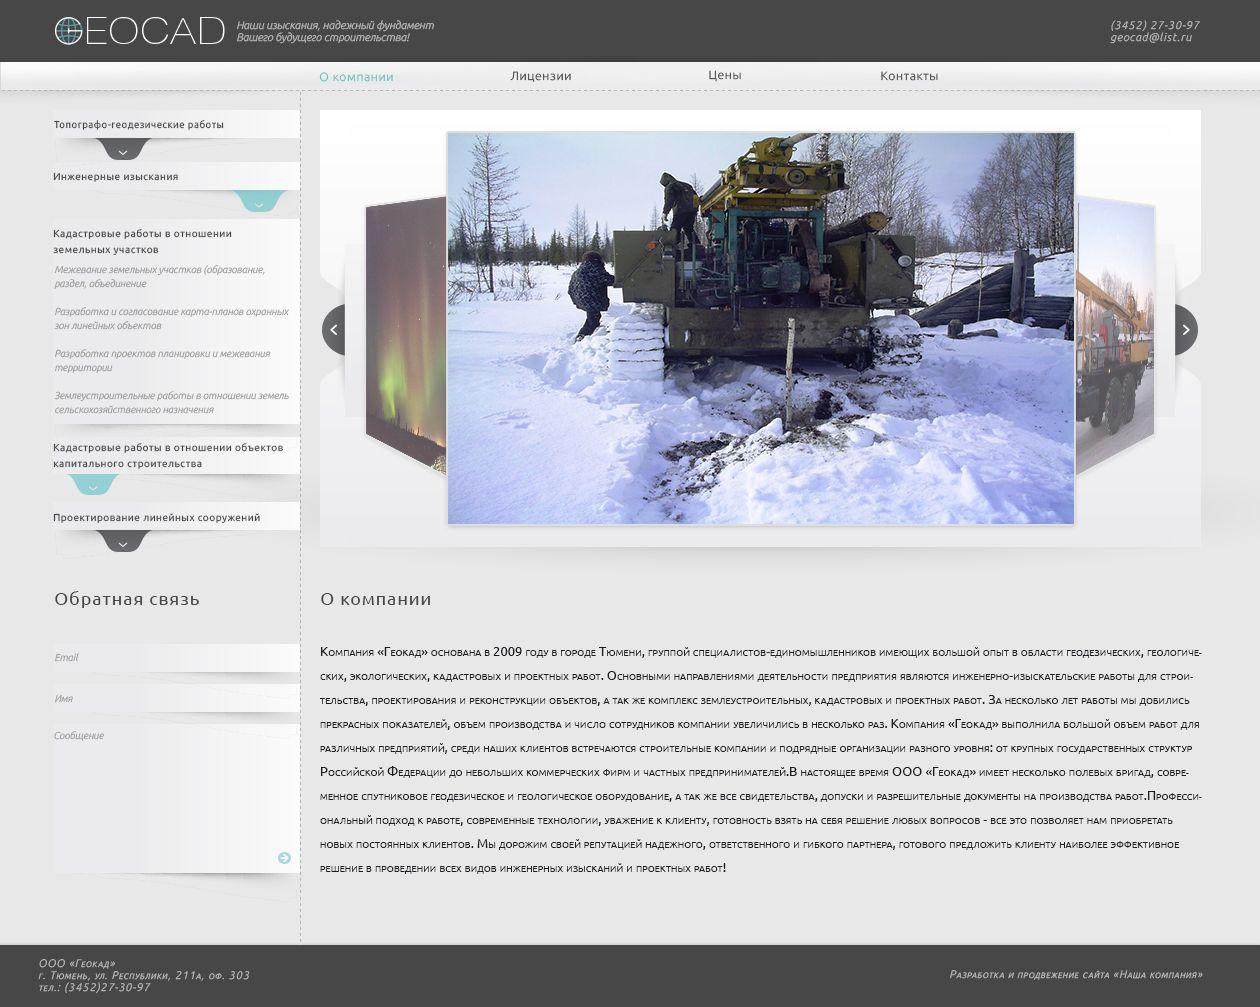 Дизайн для компании Геокад - дизайнер kotabloknota